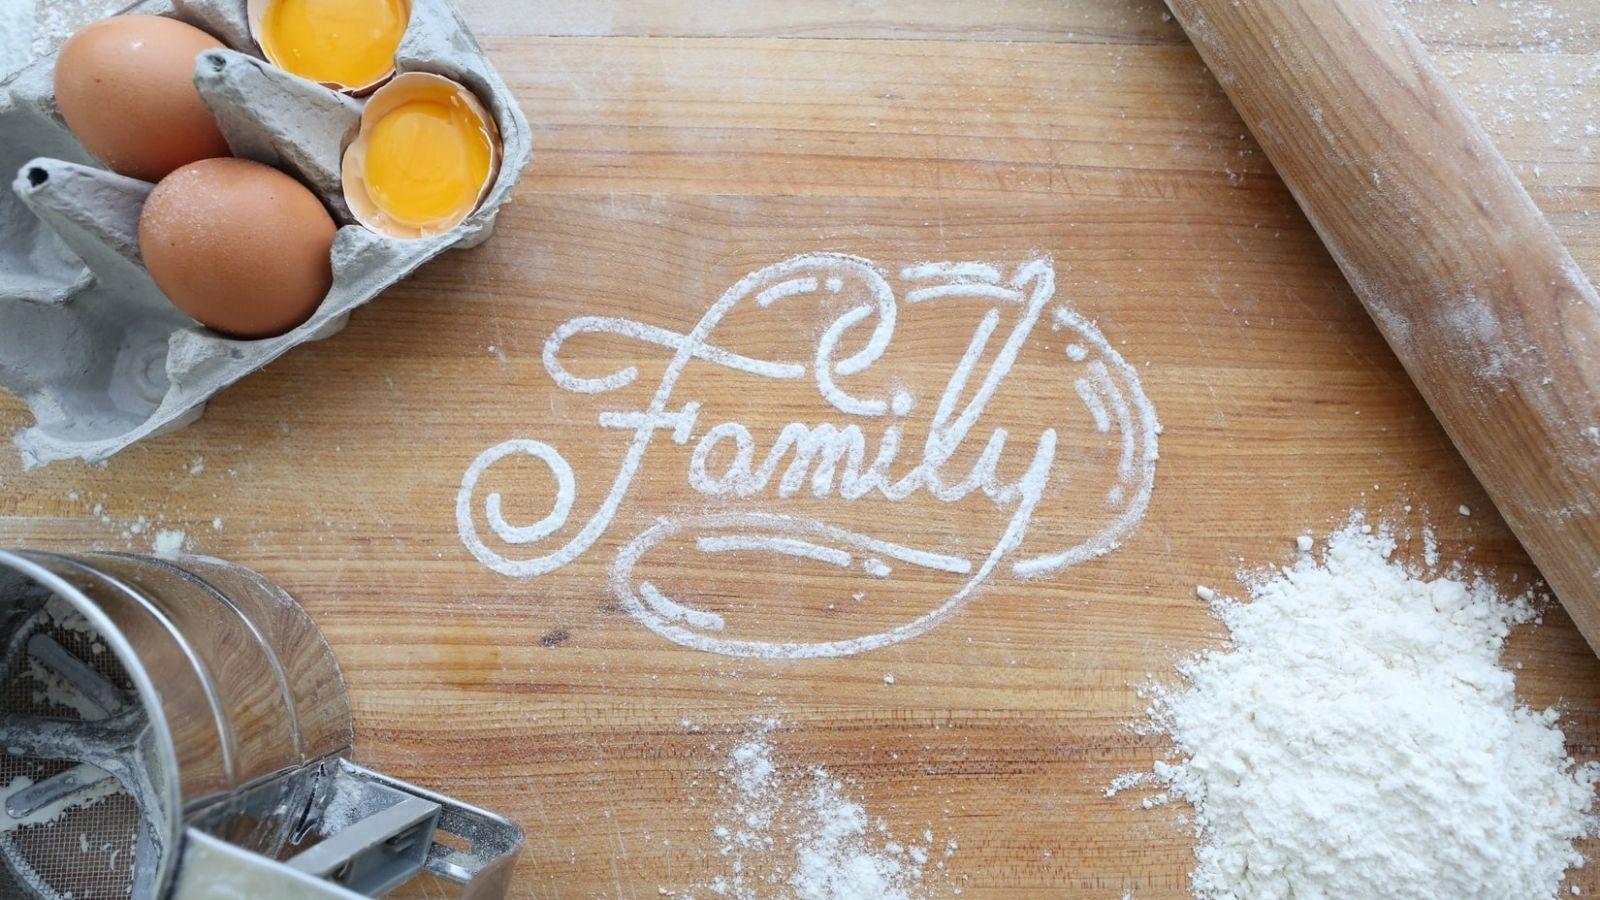 từ gia đình được viết bằng bột làm bánh